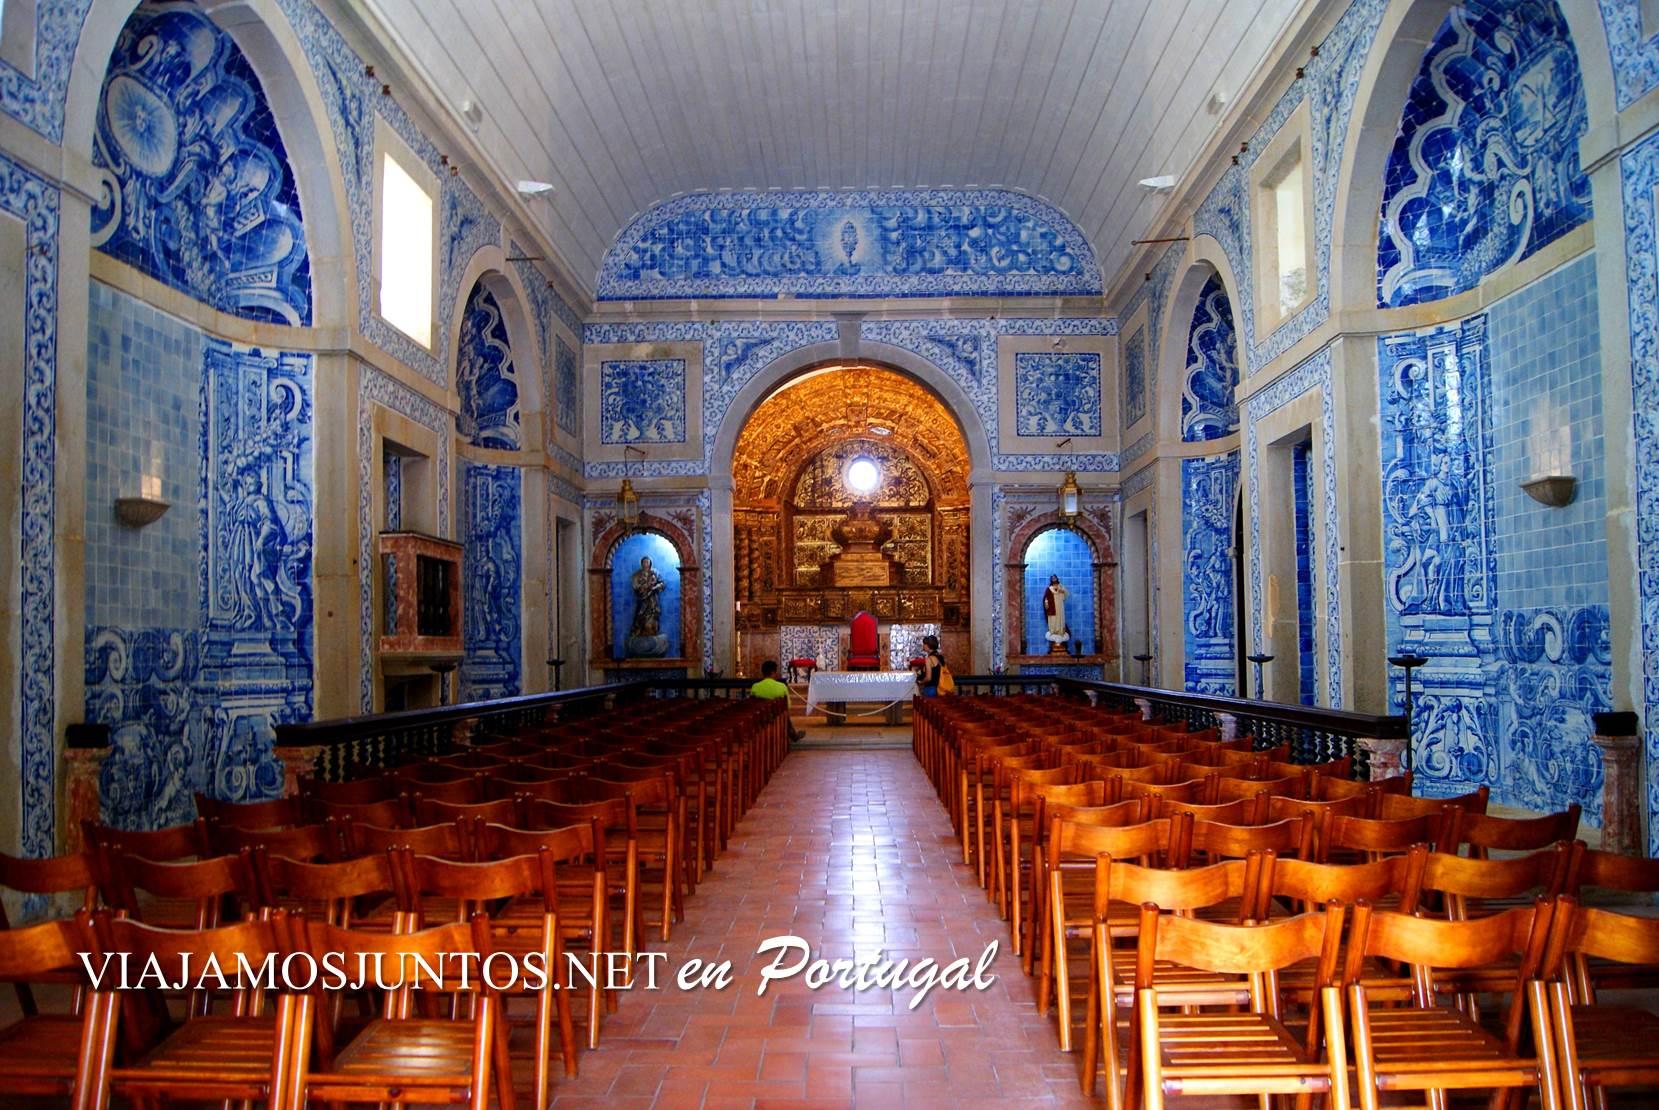 El interior de la iglesia azul del castillo de Sesimbra, Portugal